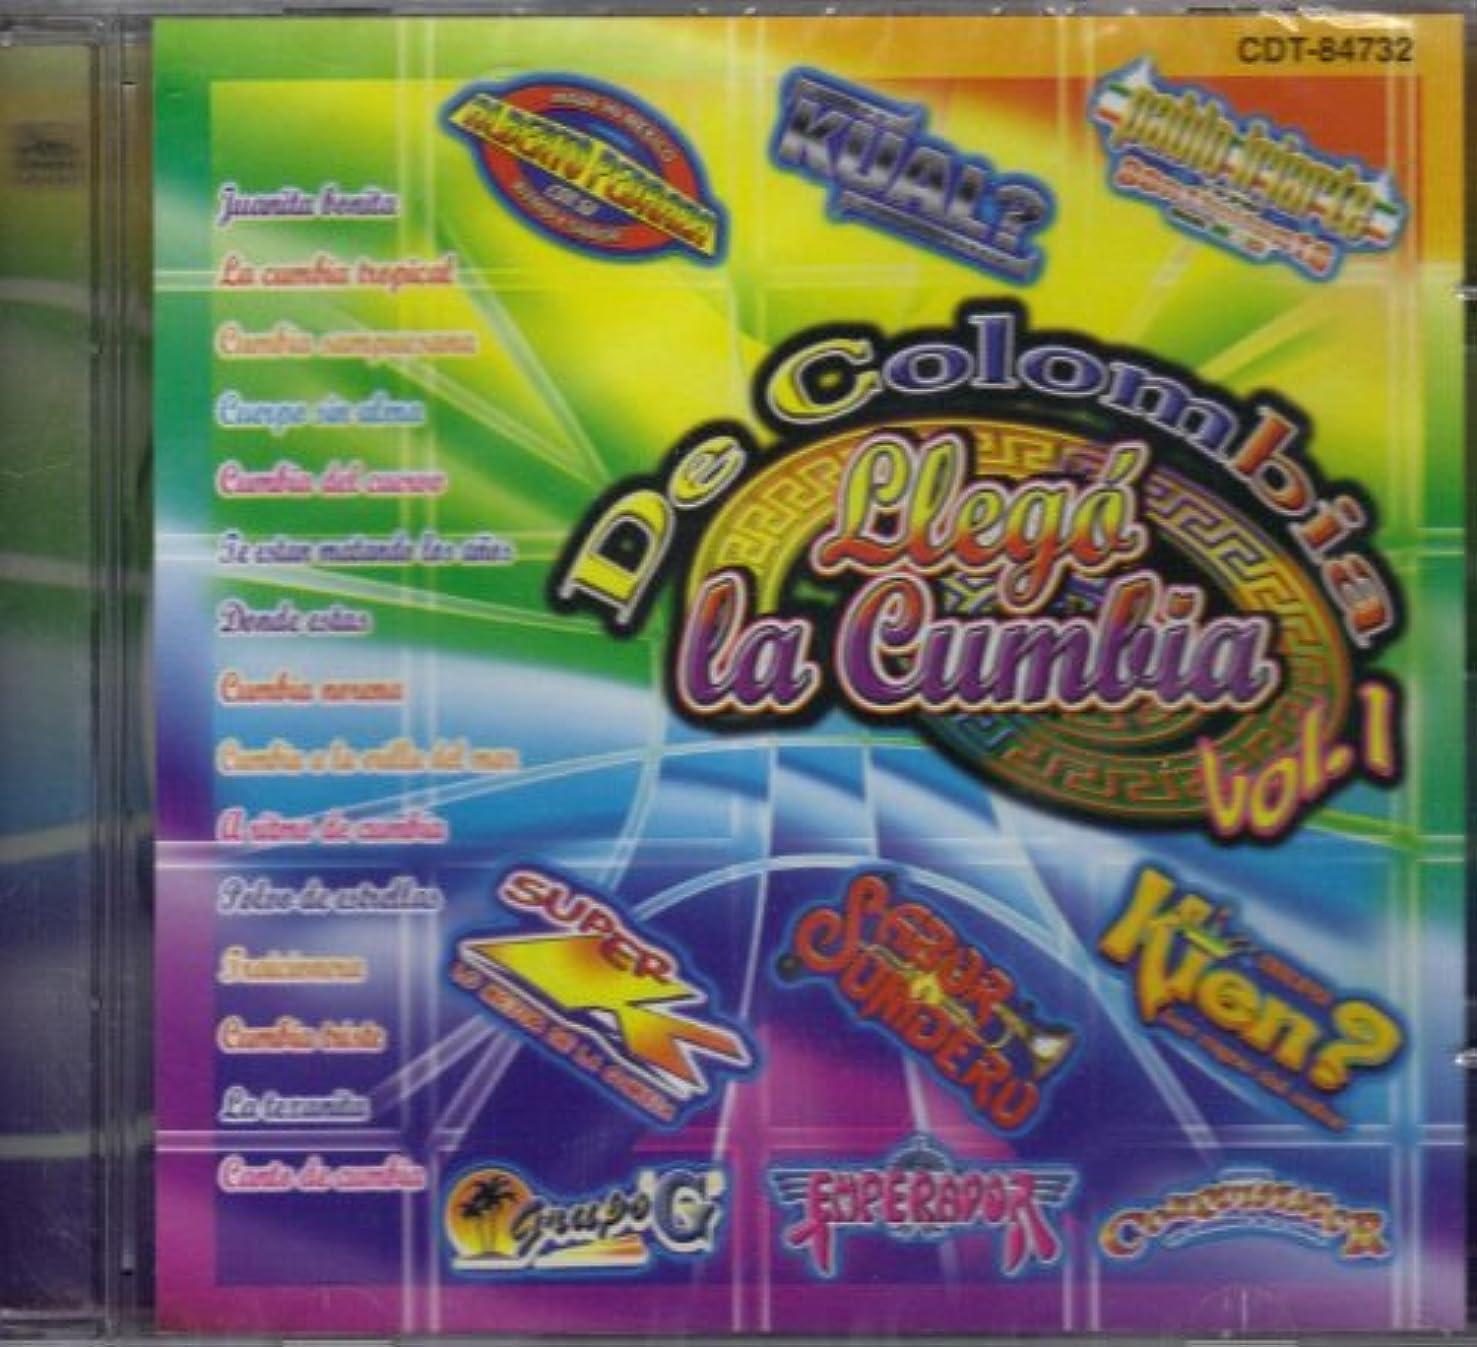 De Colombia Llego La Cumbia Vol.1